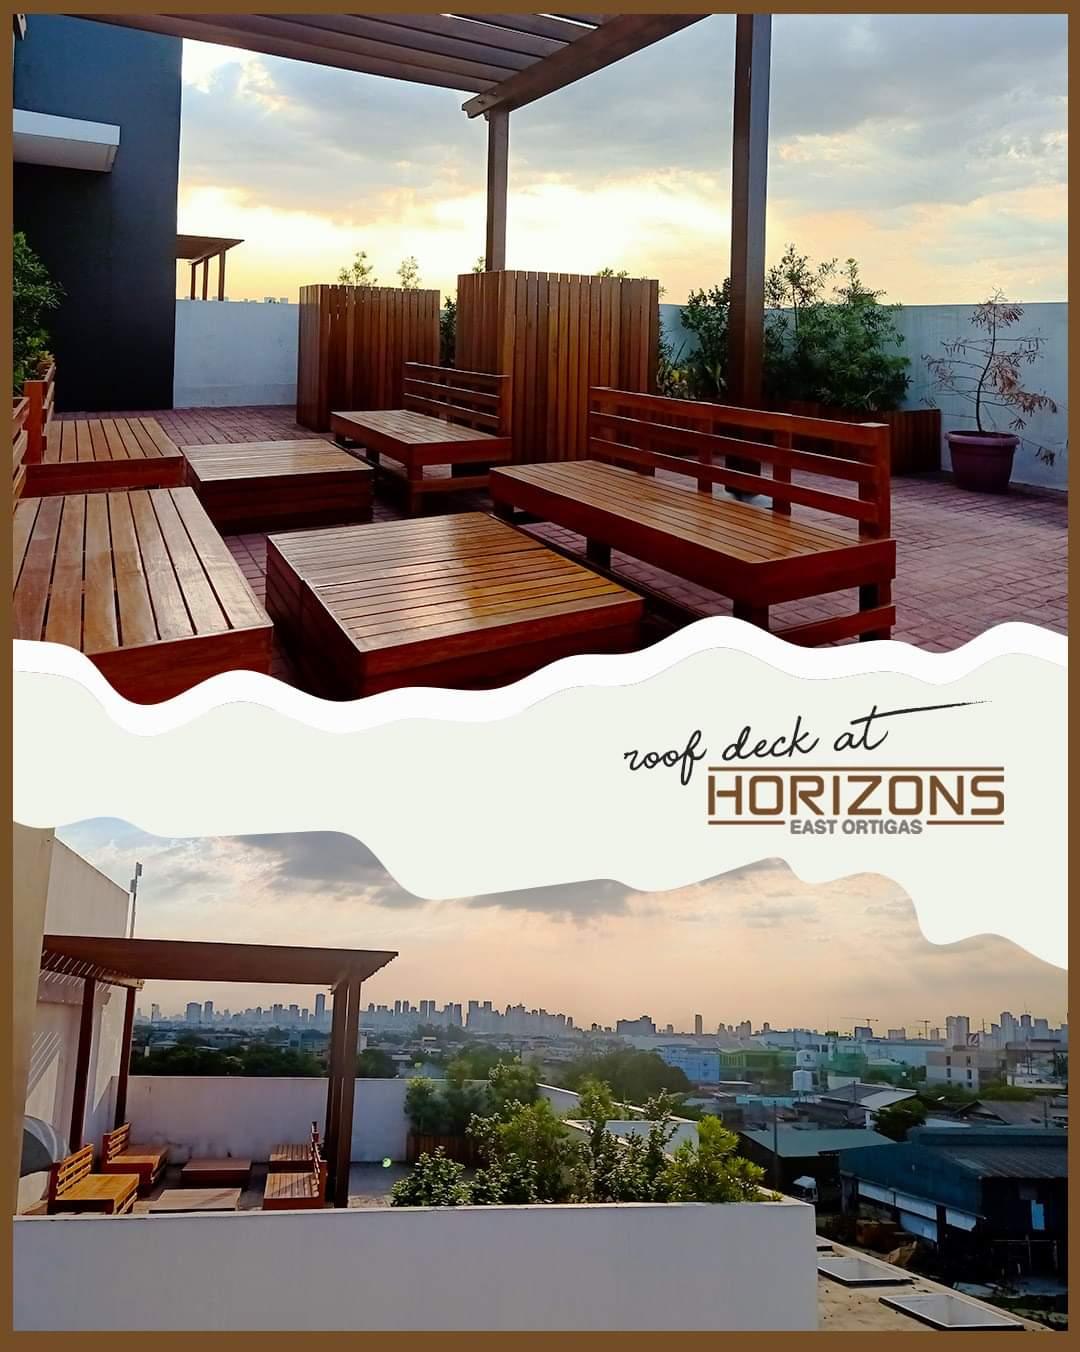 Condo for sale in ortigas extension Datem horizon